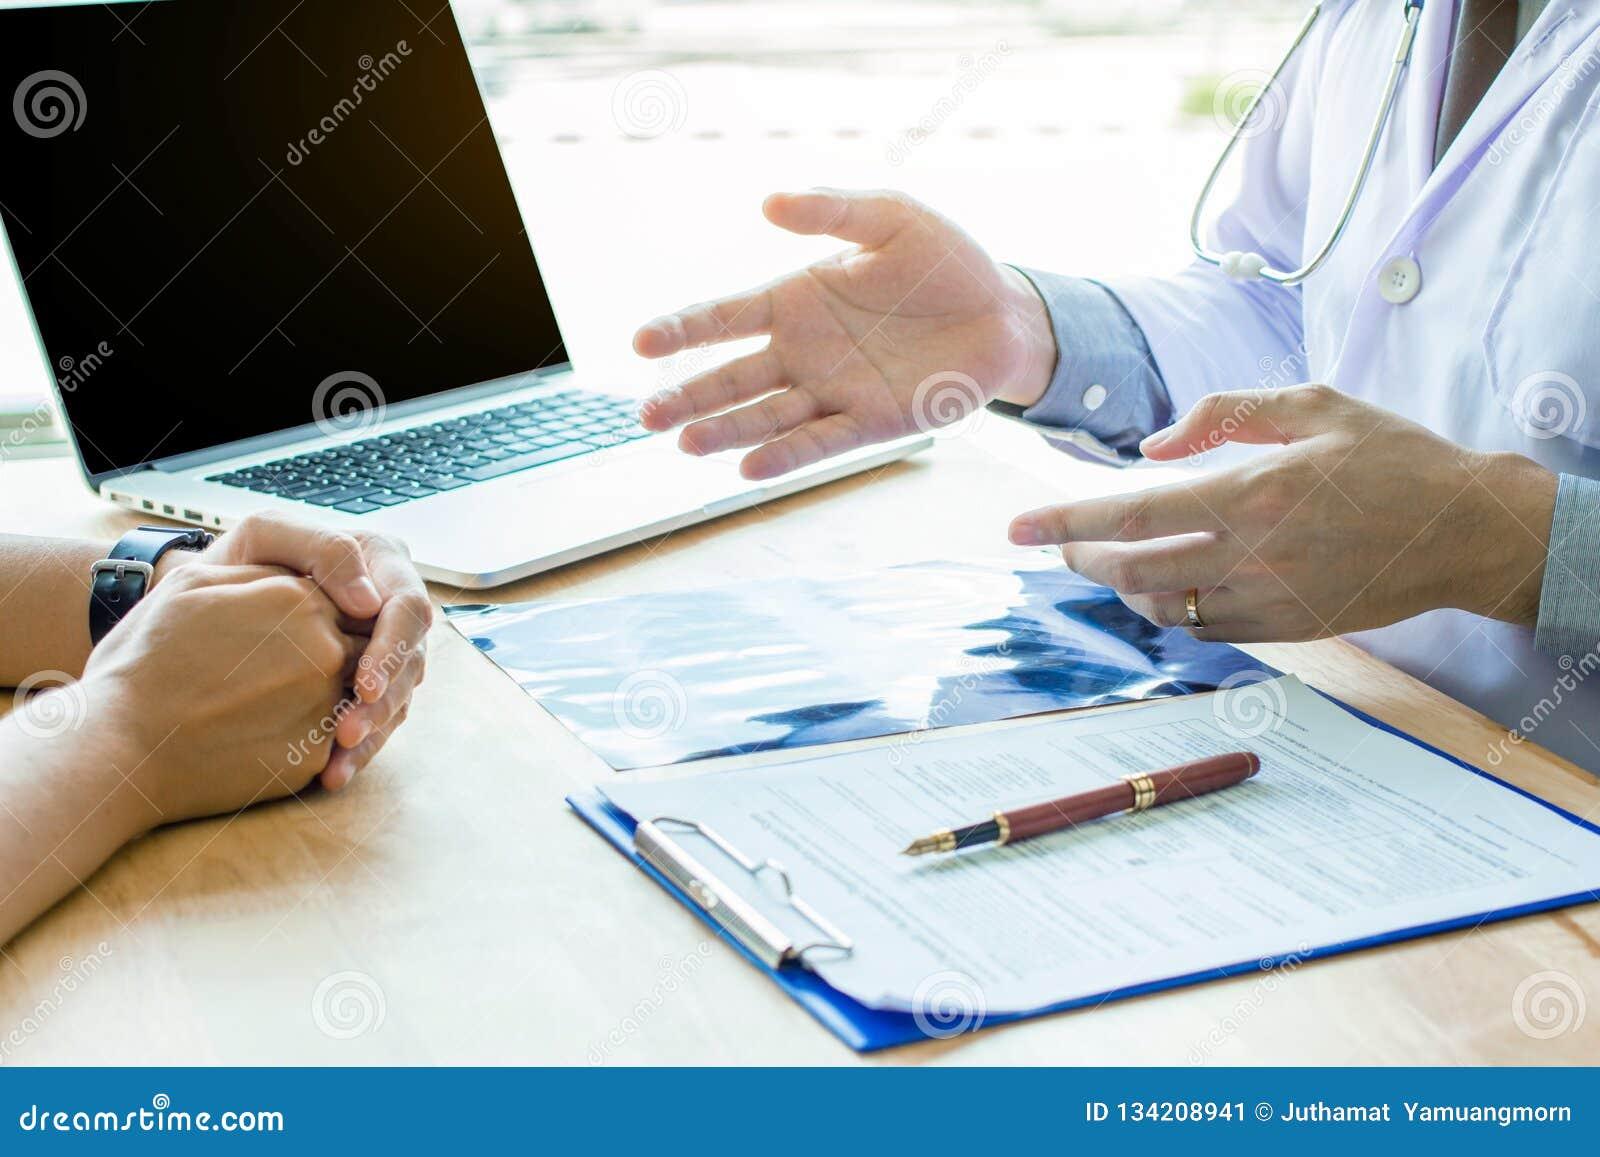 Doktor Holding Pens und Förderungs-Patienten, Krebs behandelnd und führen ein,